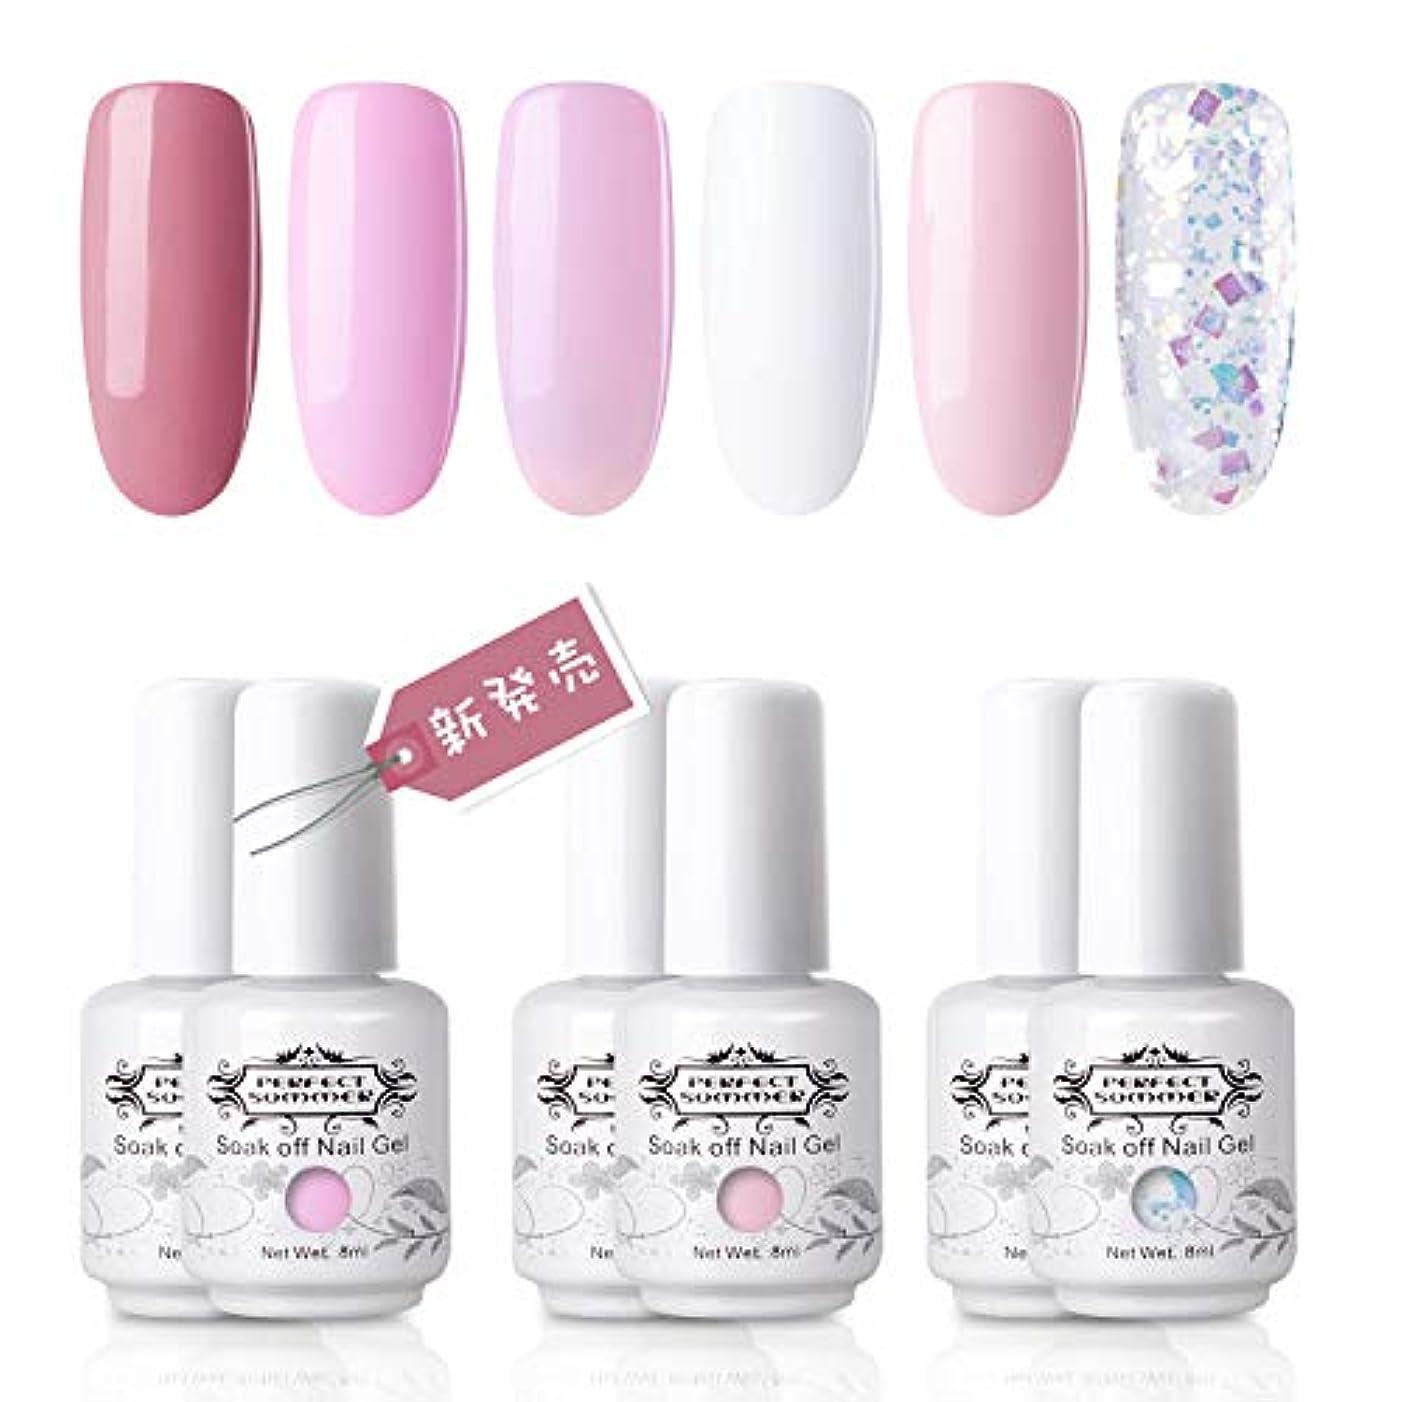 センチメートル闇引き付ける[Perfect Summer] ジェルネイル カラージェル 6色セット ポリッシュタイプ 新発売 UV/LED対応 ピンク ラメ